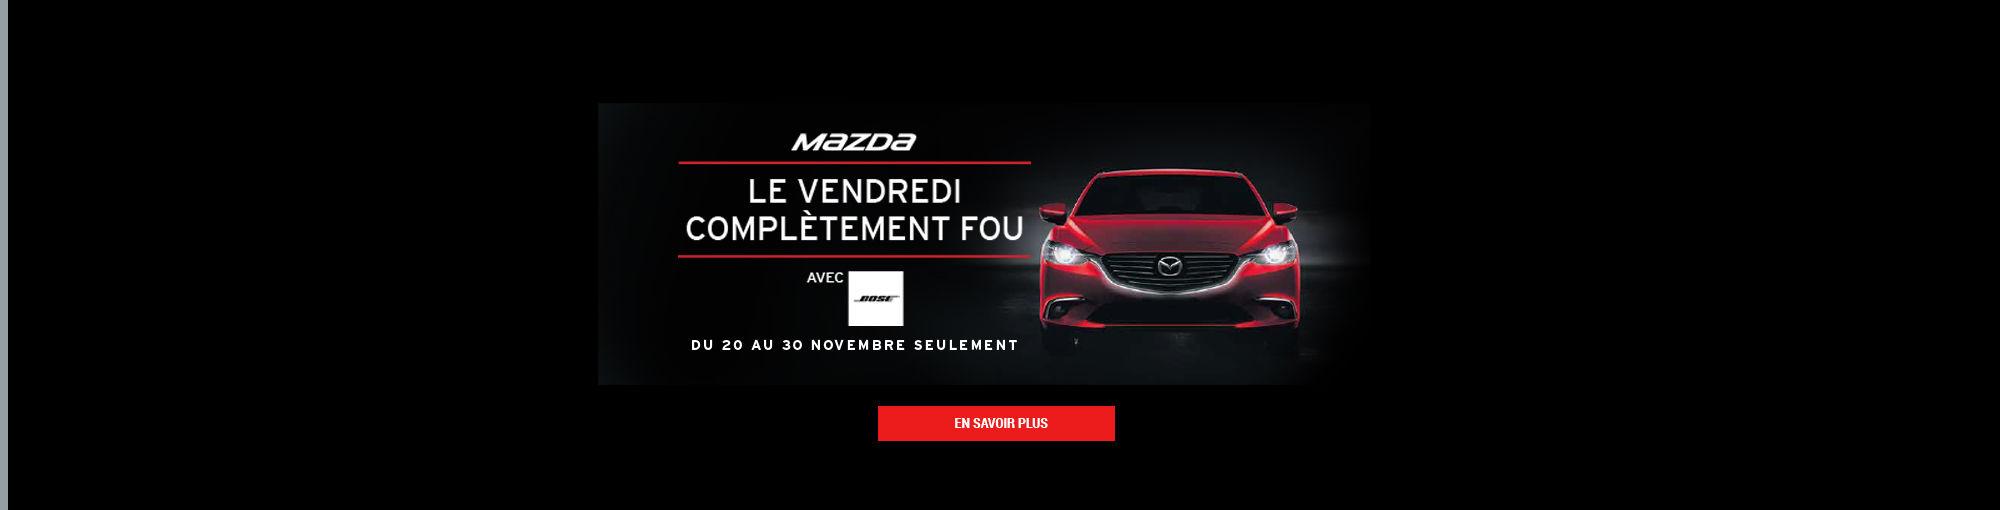 Mazda Header Vendredi Fou 2017 #2